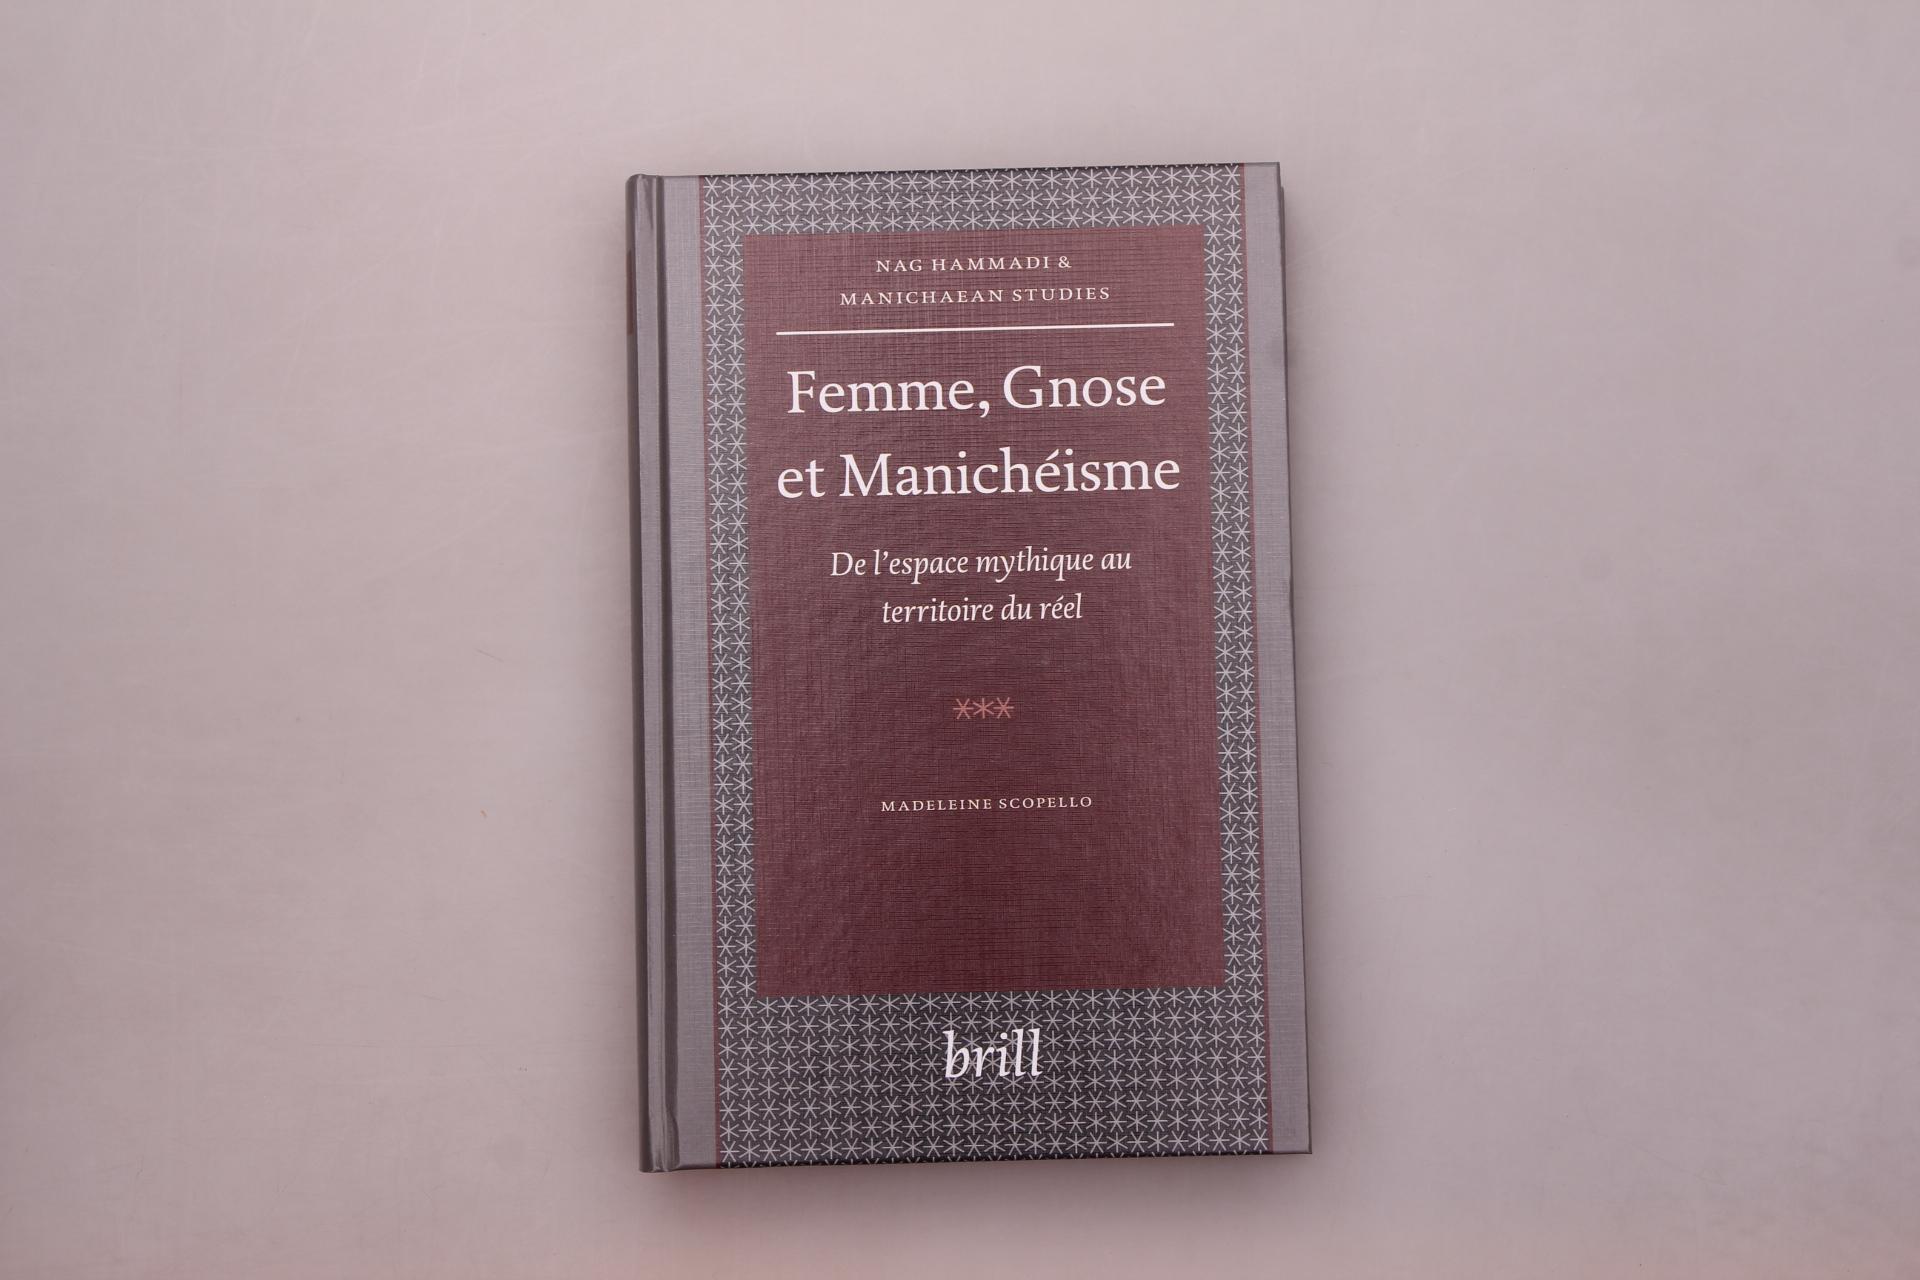 FEMME, GNOSE ET MANICHEISME. De l Espace Mythique Au Territoire Du Reel - Scopello, Madeleine; [Hrsg.]: Emmel, Stephen; Oort, Johannes van